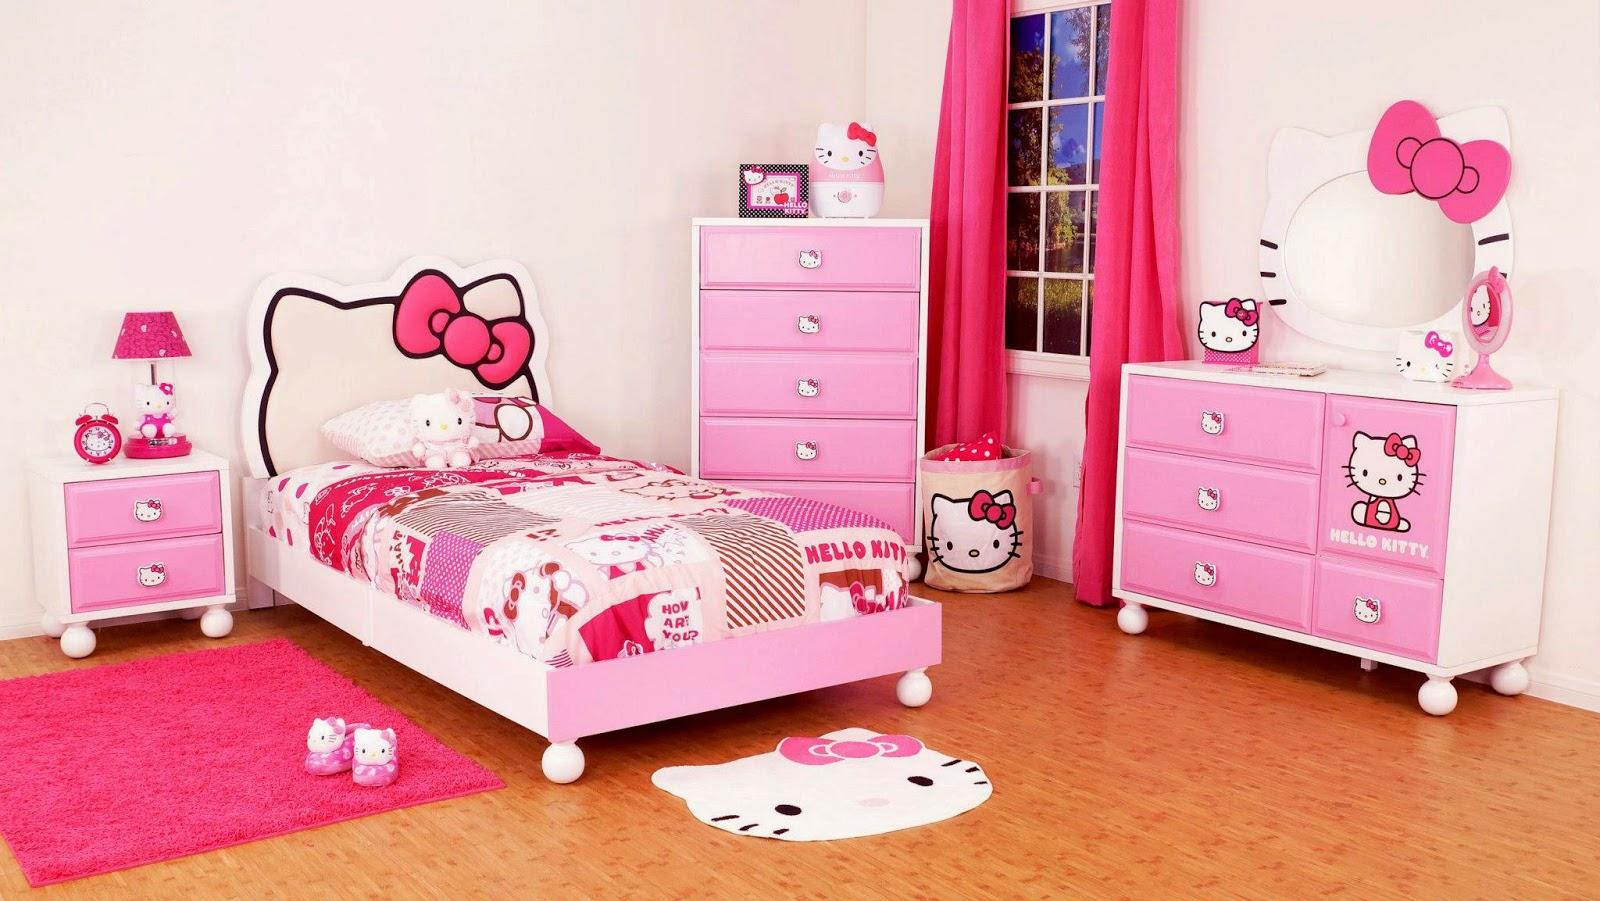 Muebles y decoraci n de interiores dormitorios de ni as - Dormitorio para ninas ...